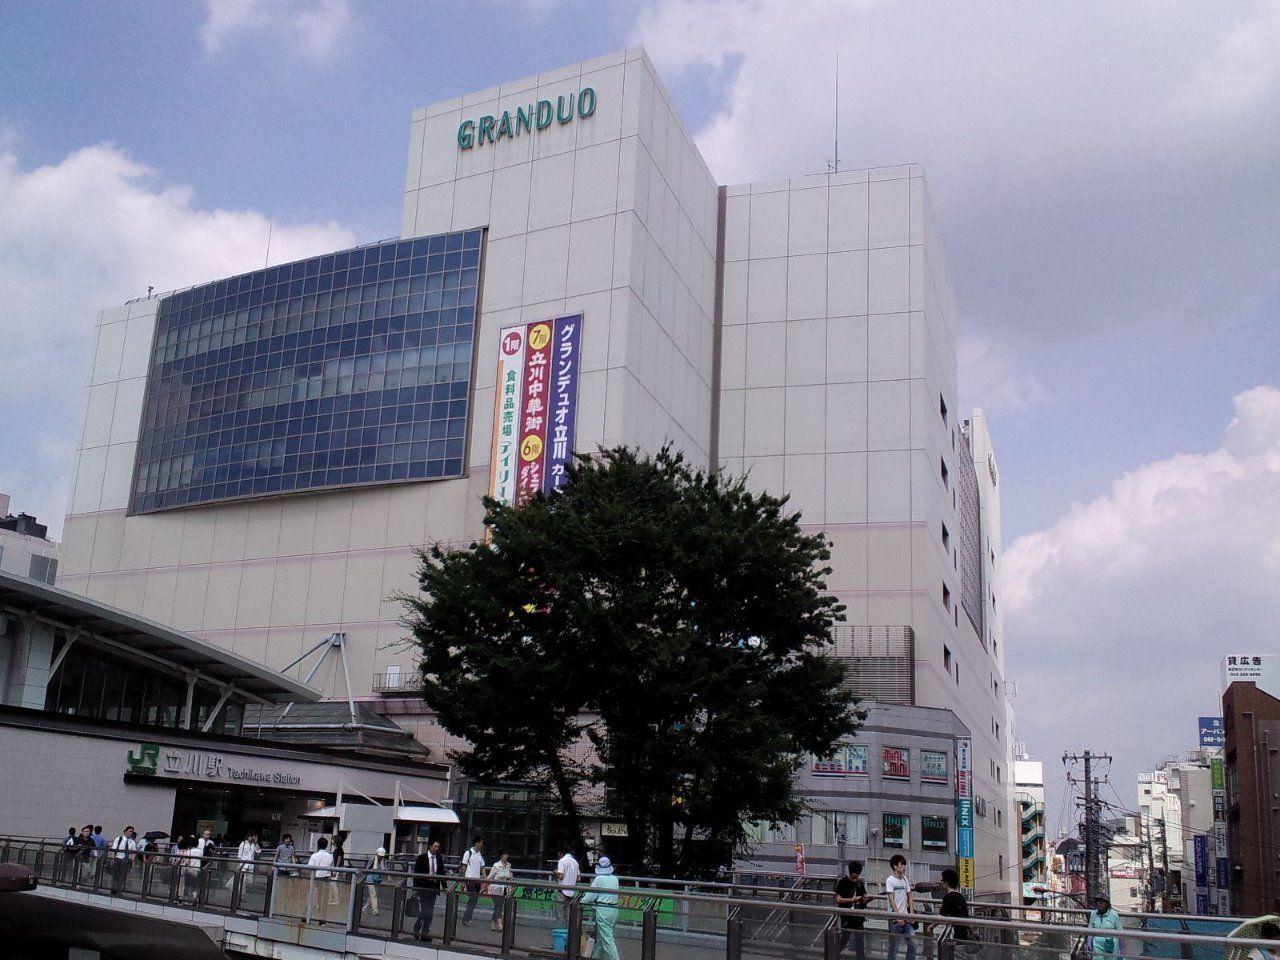 立川駅にはグランデュオを含めて便利なお店や施設が多数あり